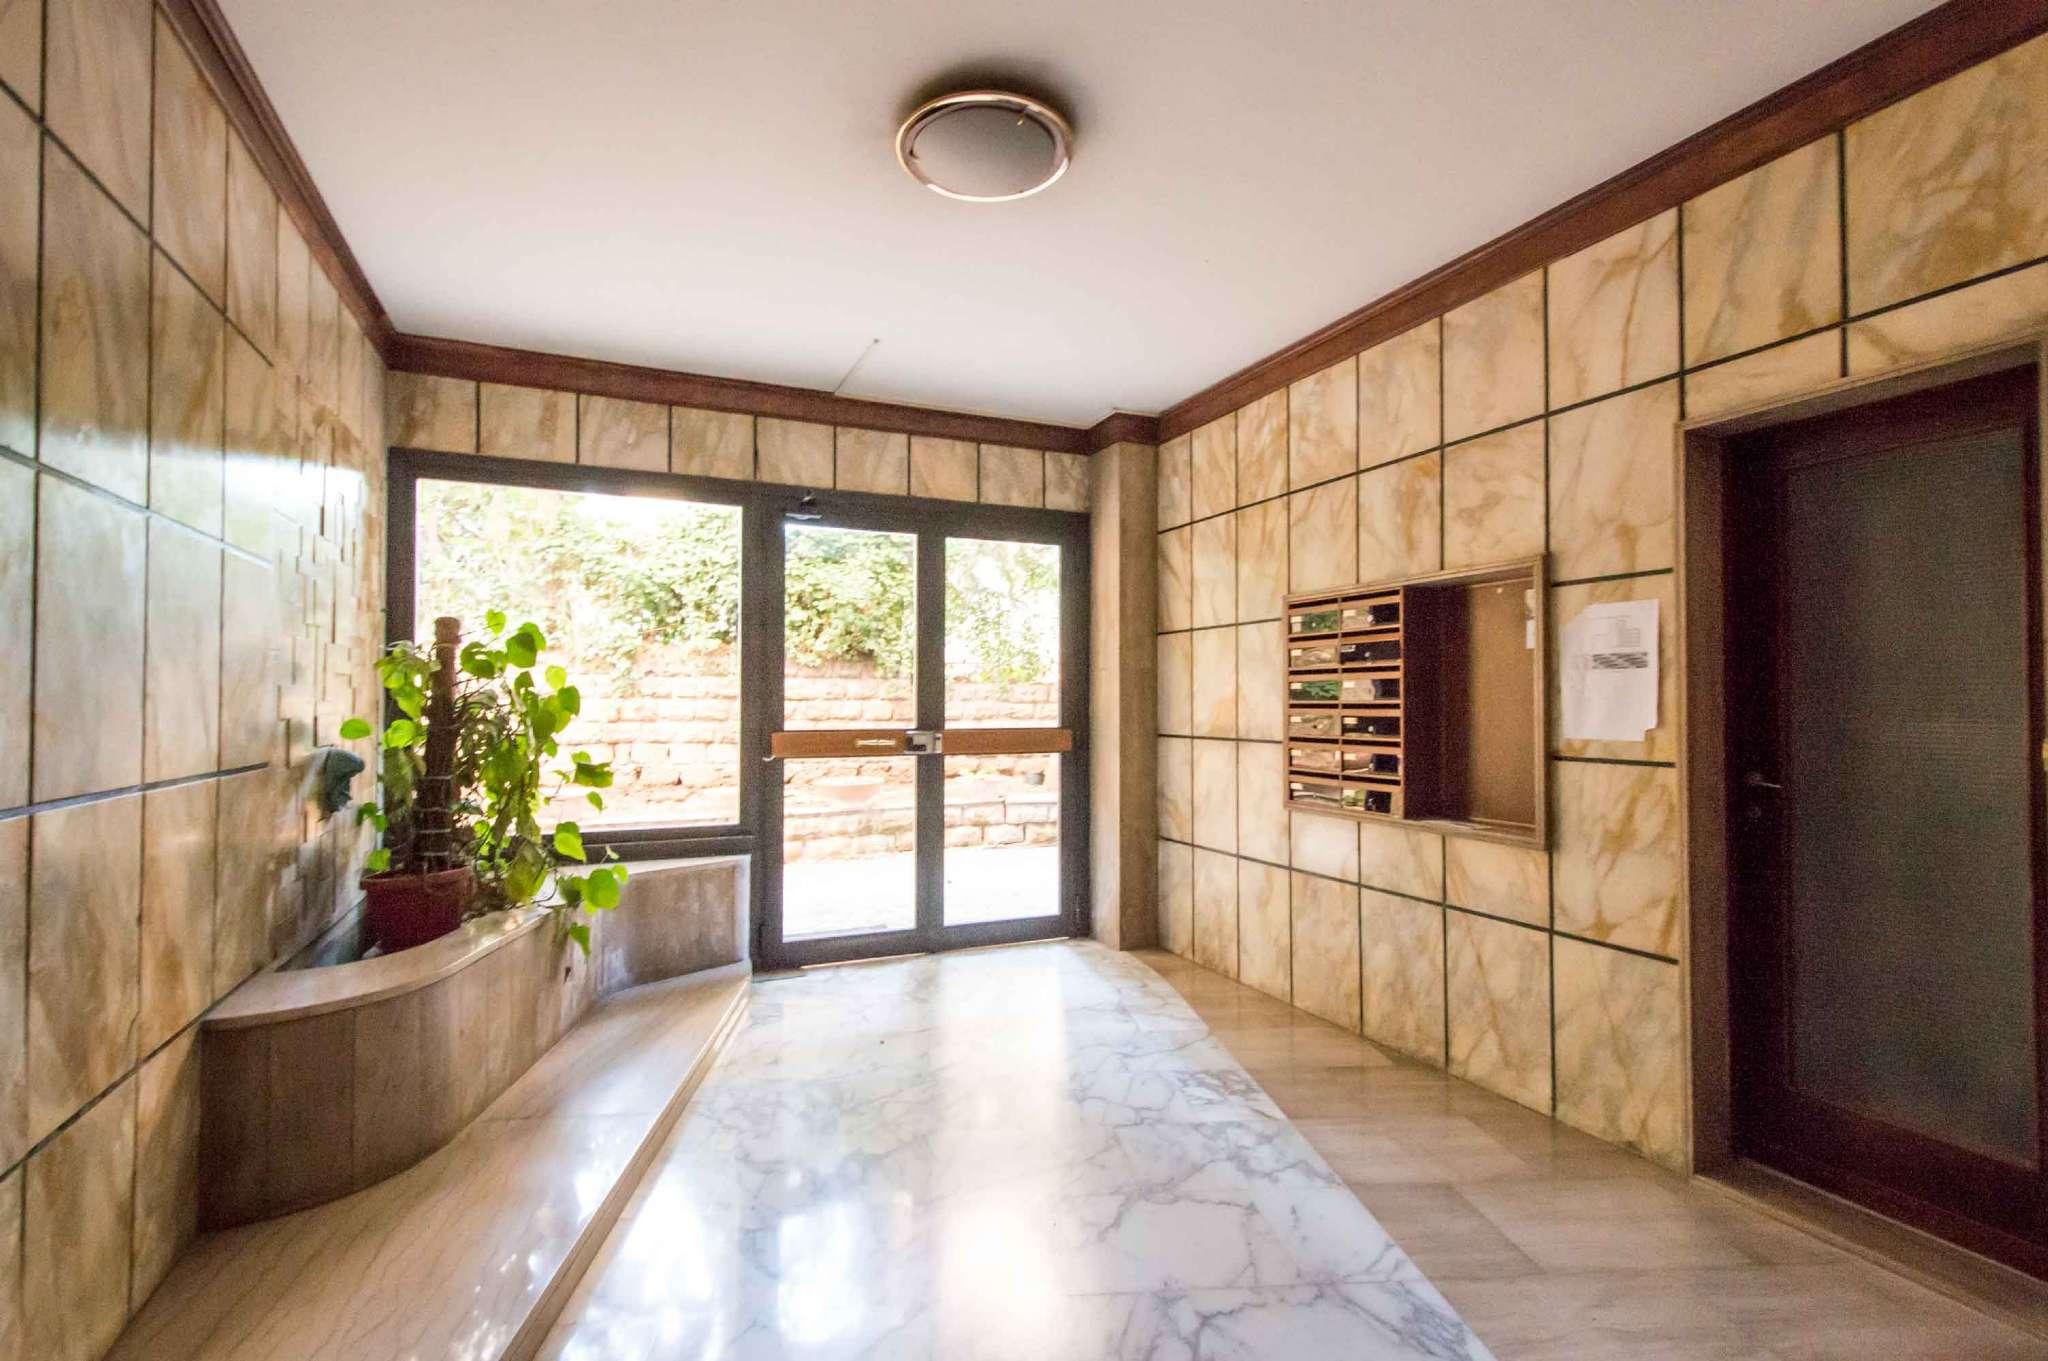 Trilocale in affitto a Roma in Via Di San Cipriano, 35